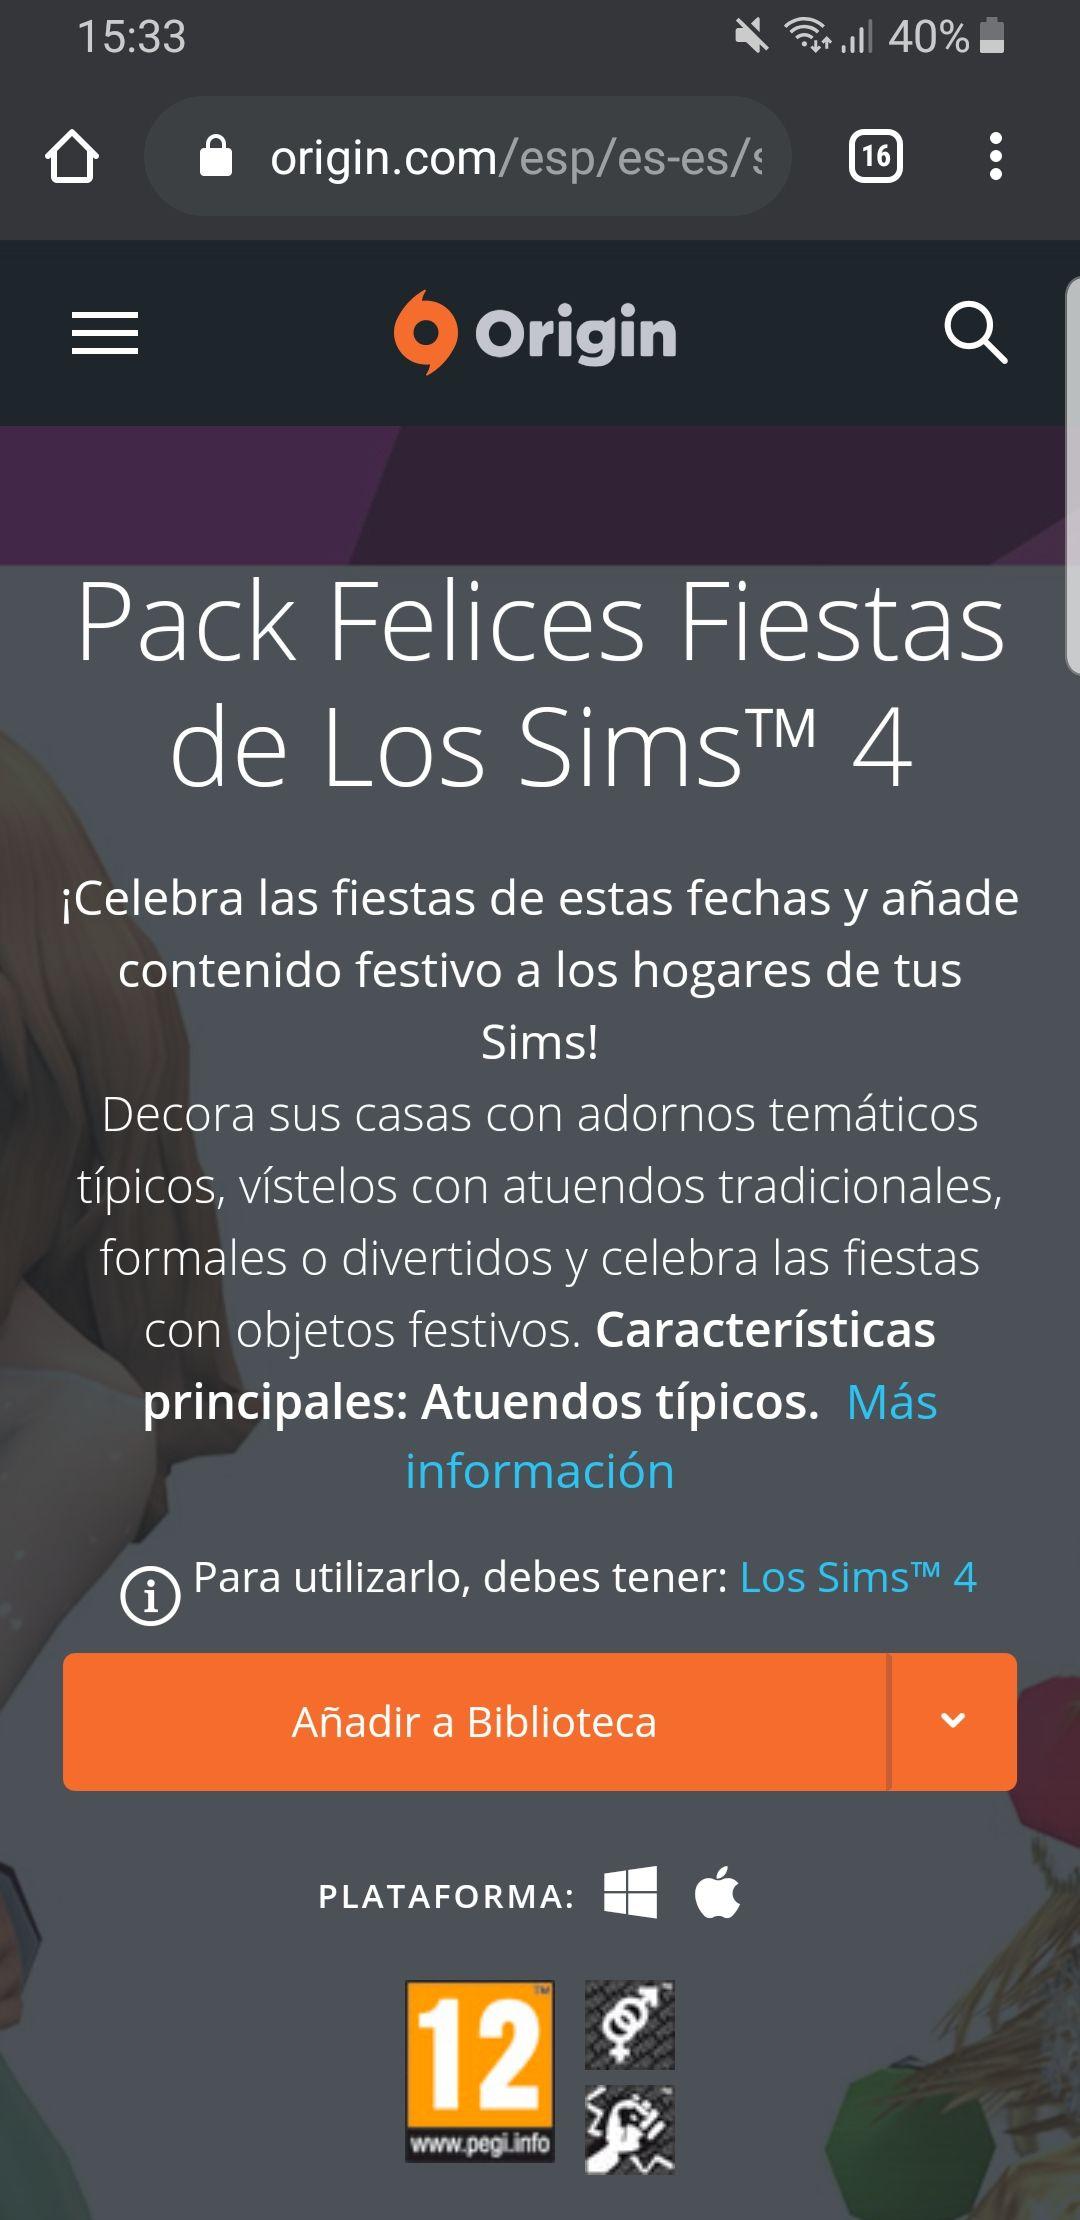 Pack felices fiestas los sims 4